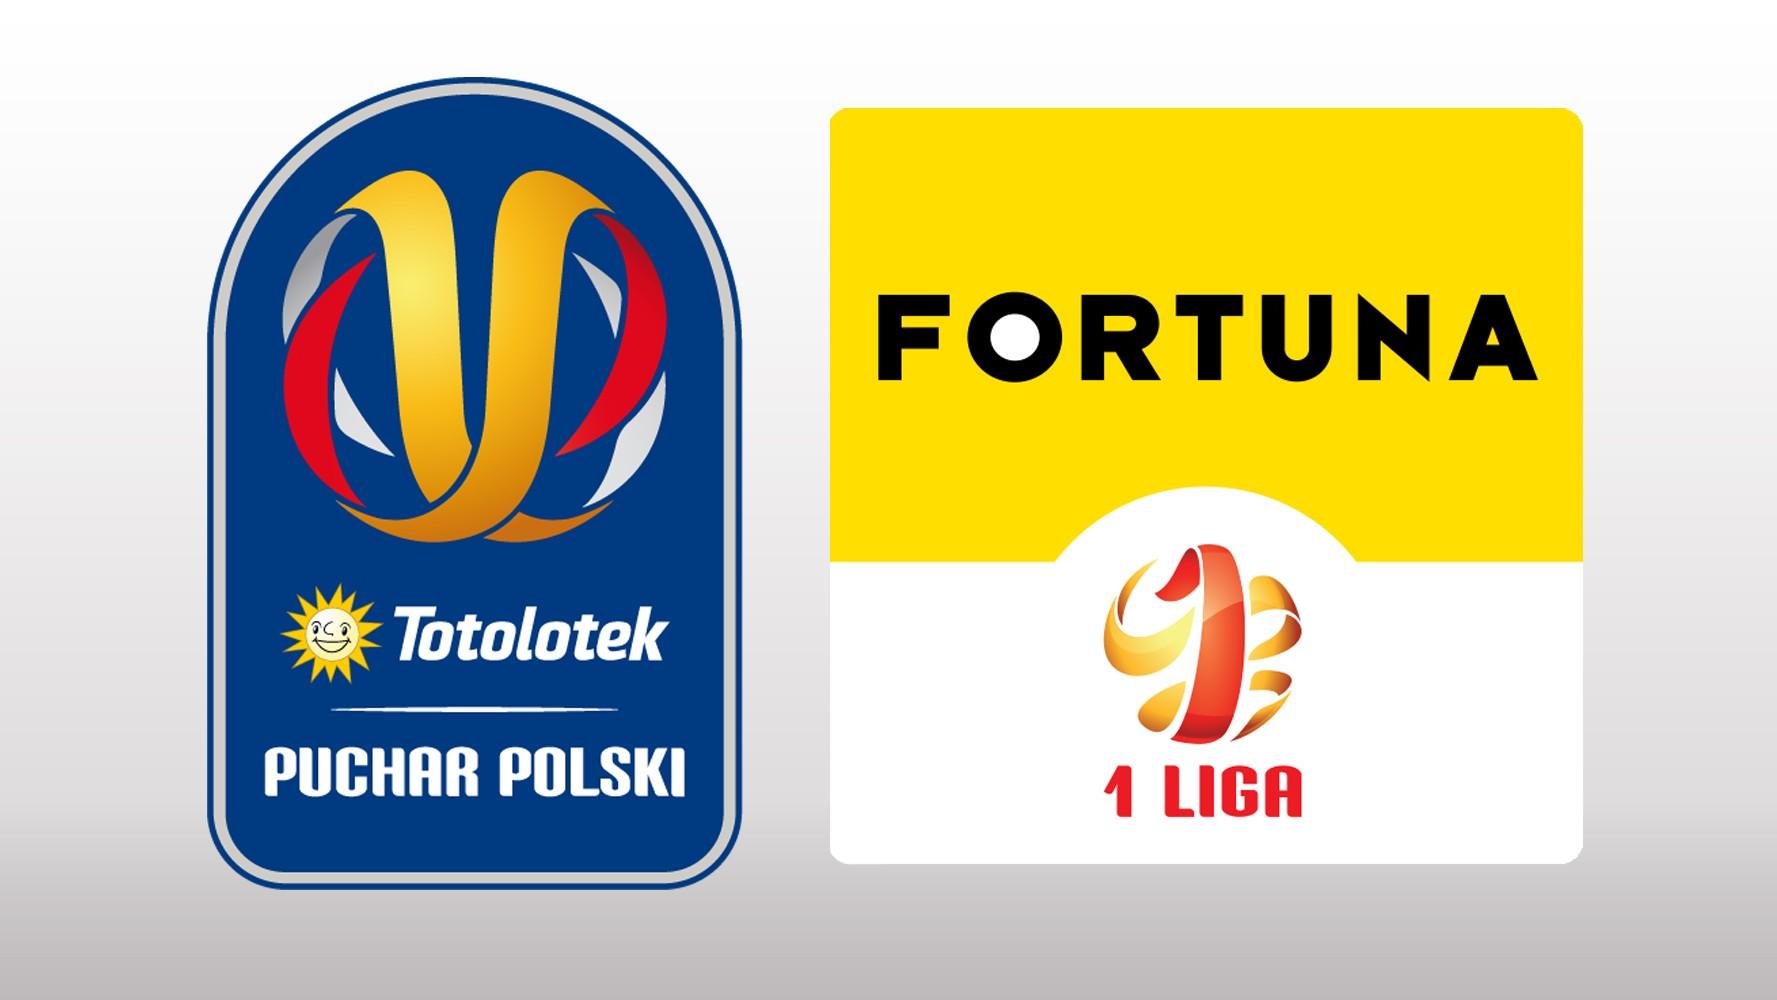 Totolotek Puchar Polski i Fortuna 1. Liga na trzy kolejne sezony w Polsacie